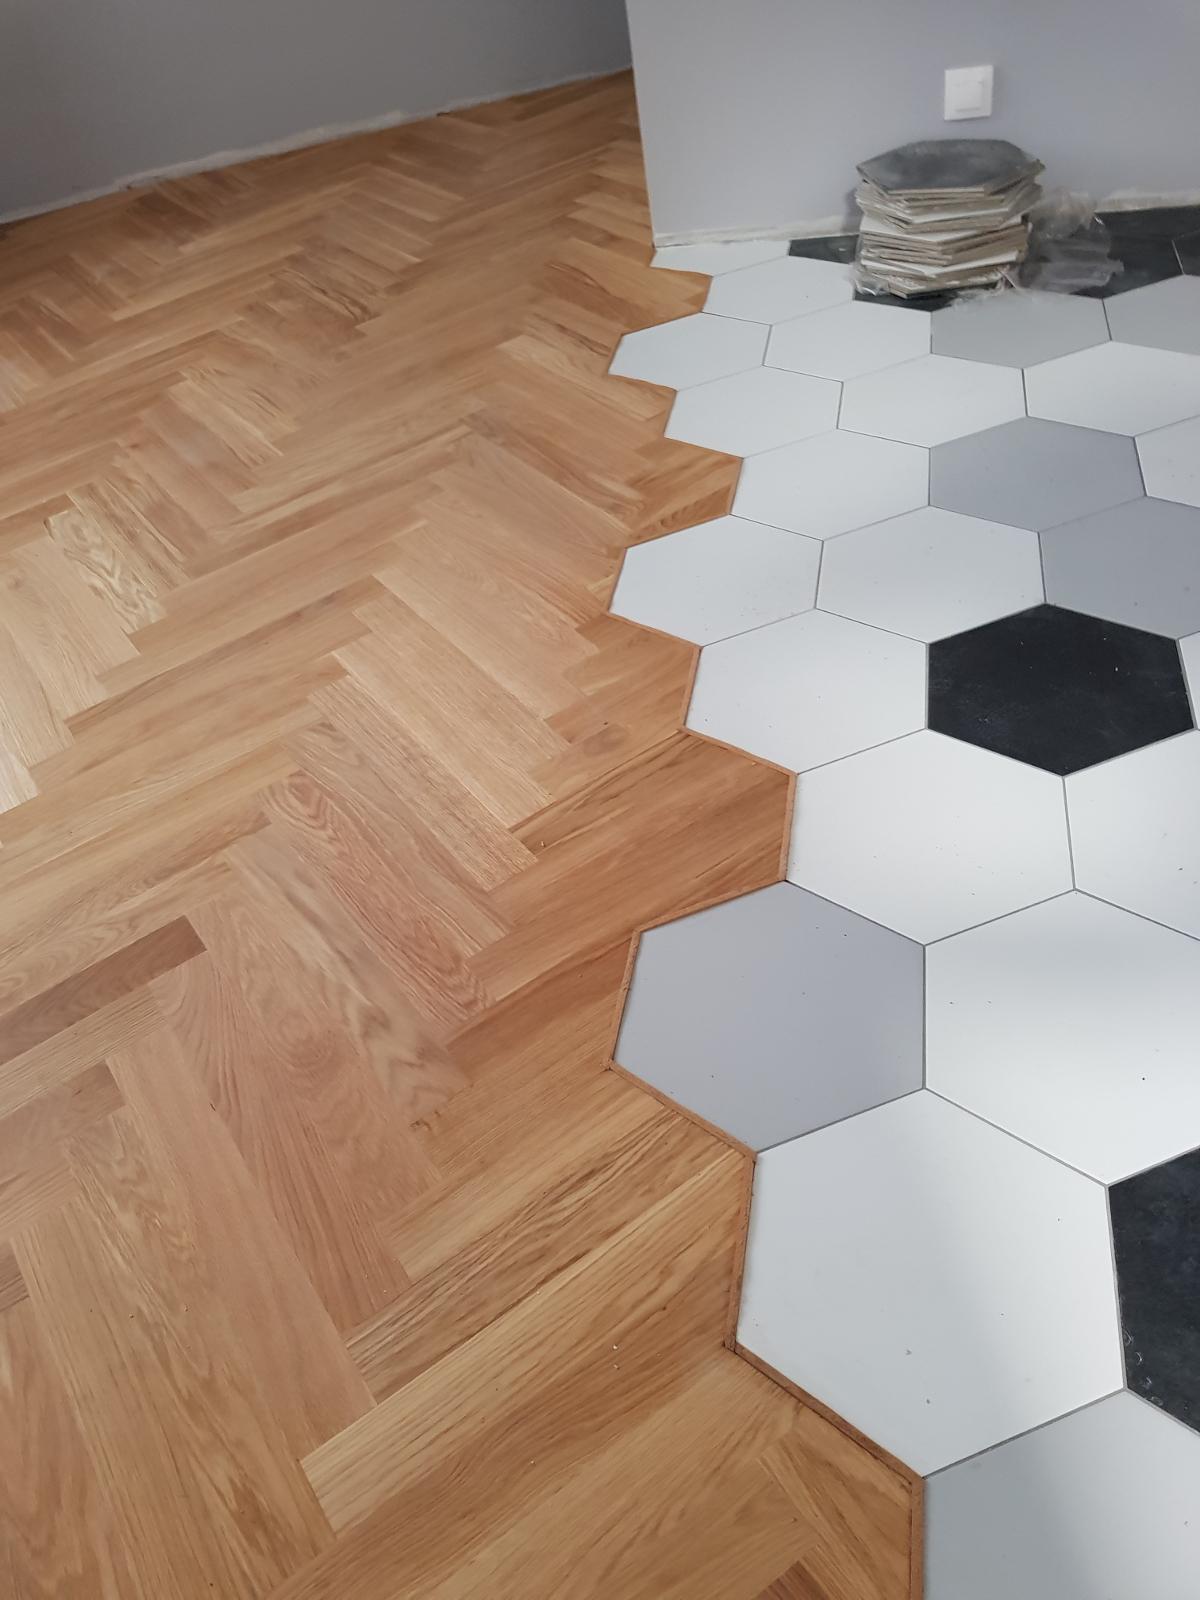 parkiet, podłoga drewniana